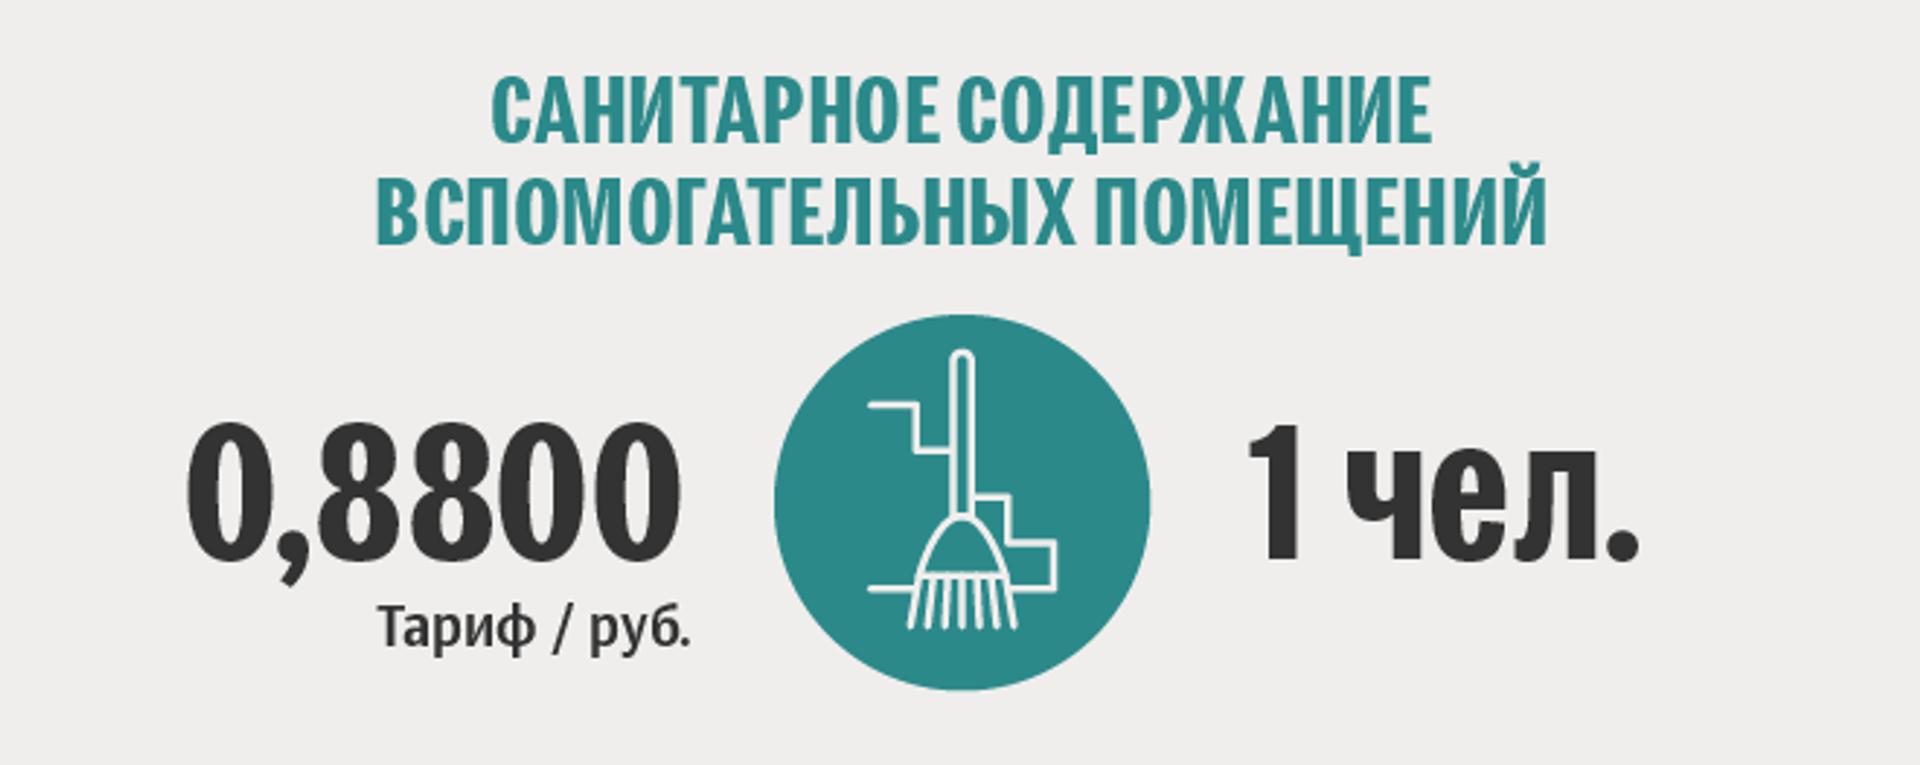 Тарифы белорусской жировки: санитарное содержание вспомогательных помещений - Sputnik Беларусь, 1920, 29.06.2021